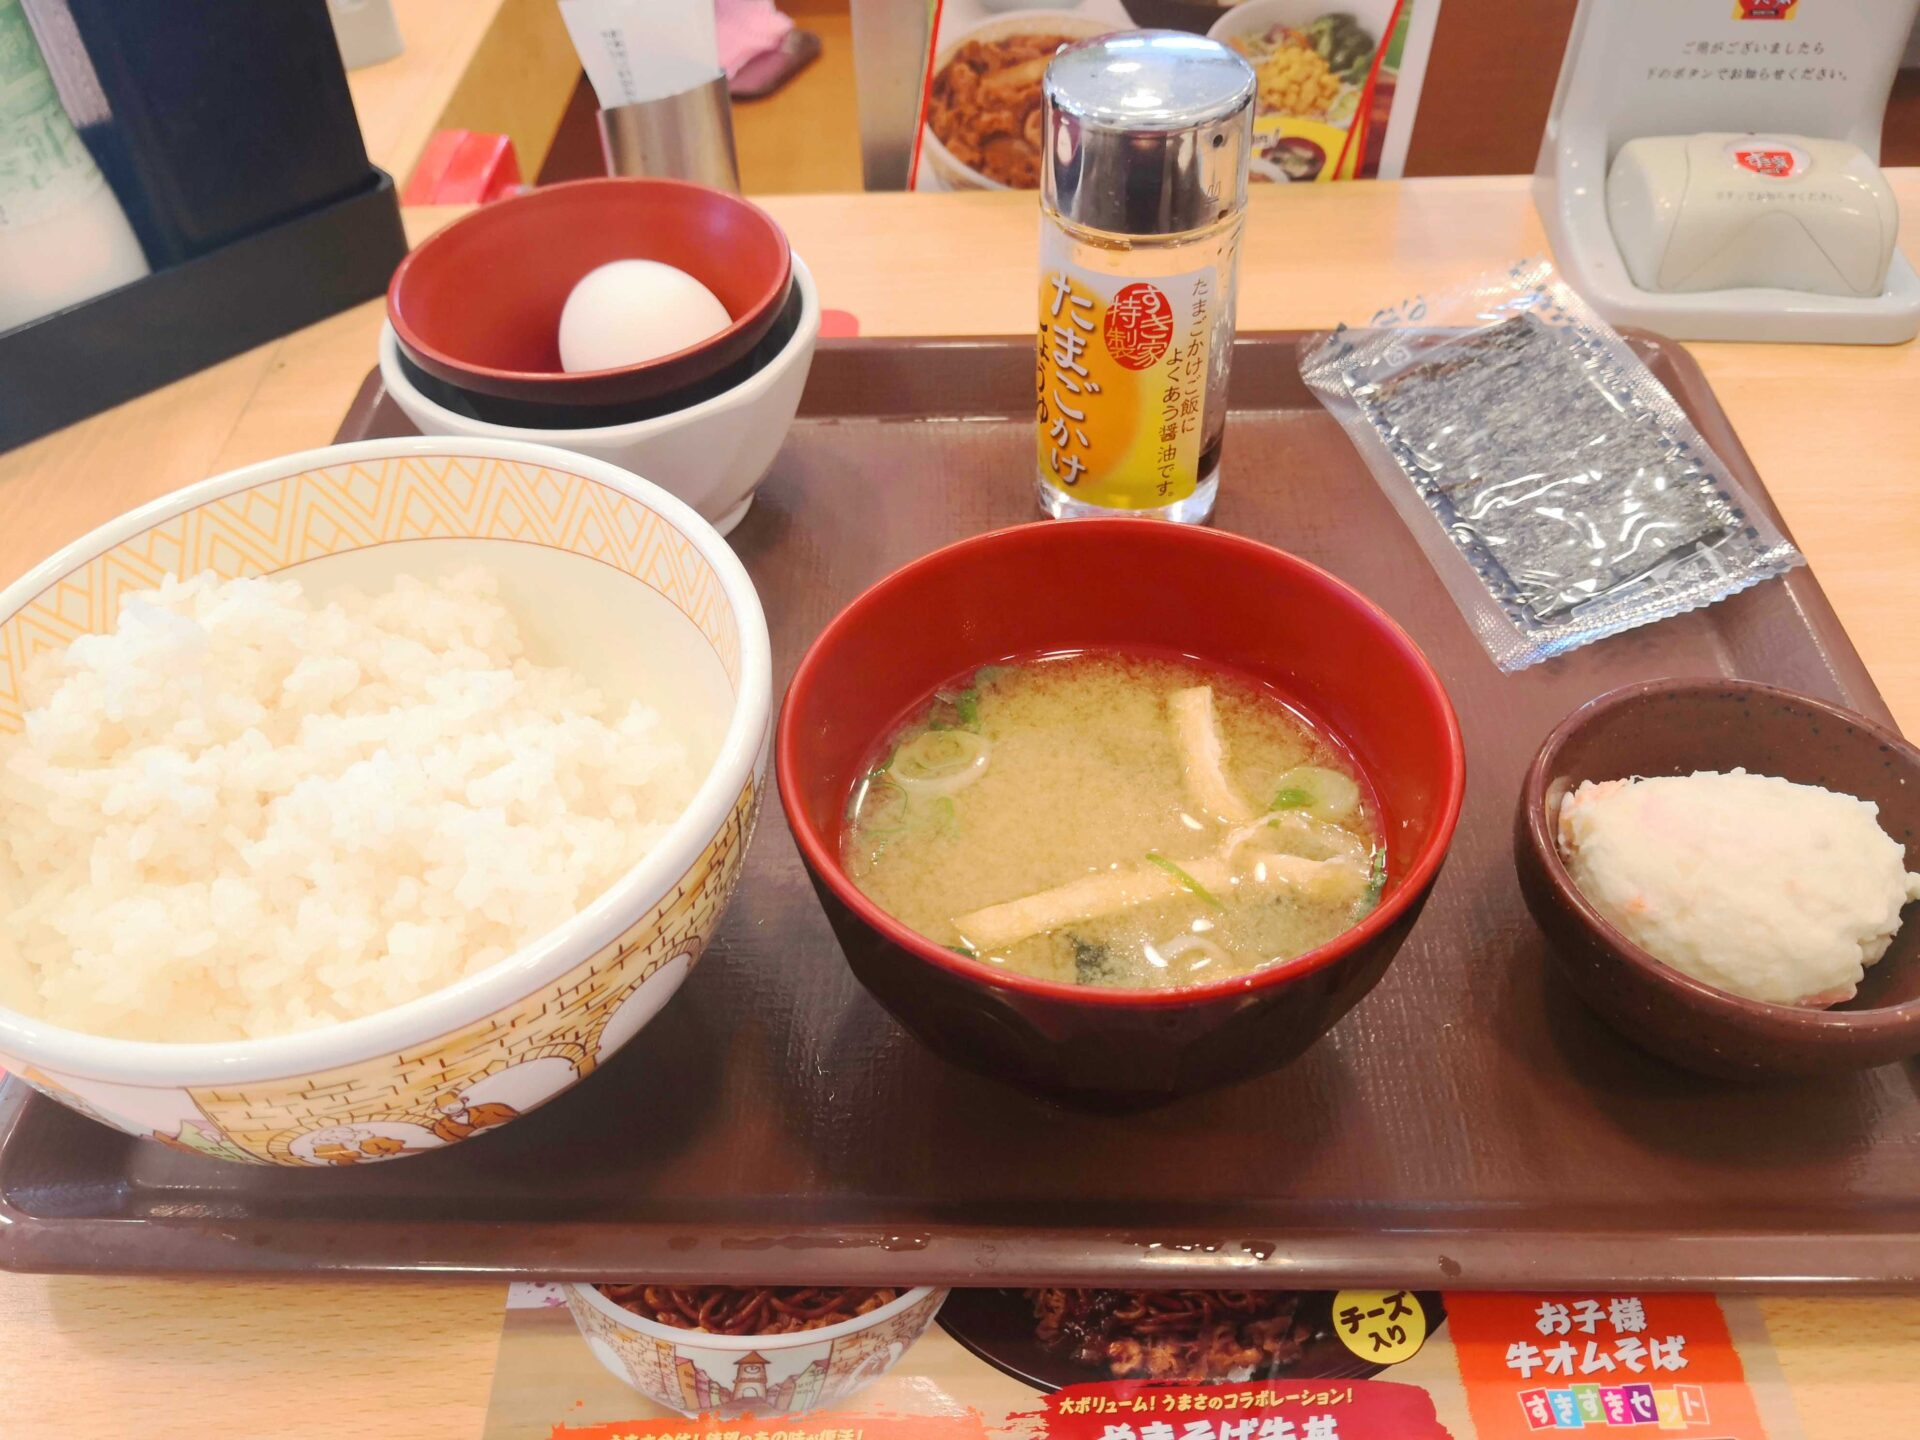 すき家 250円朝定食